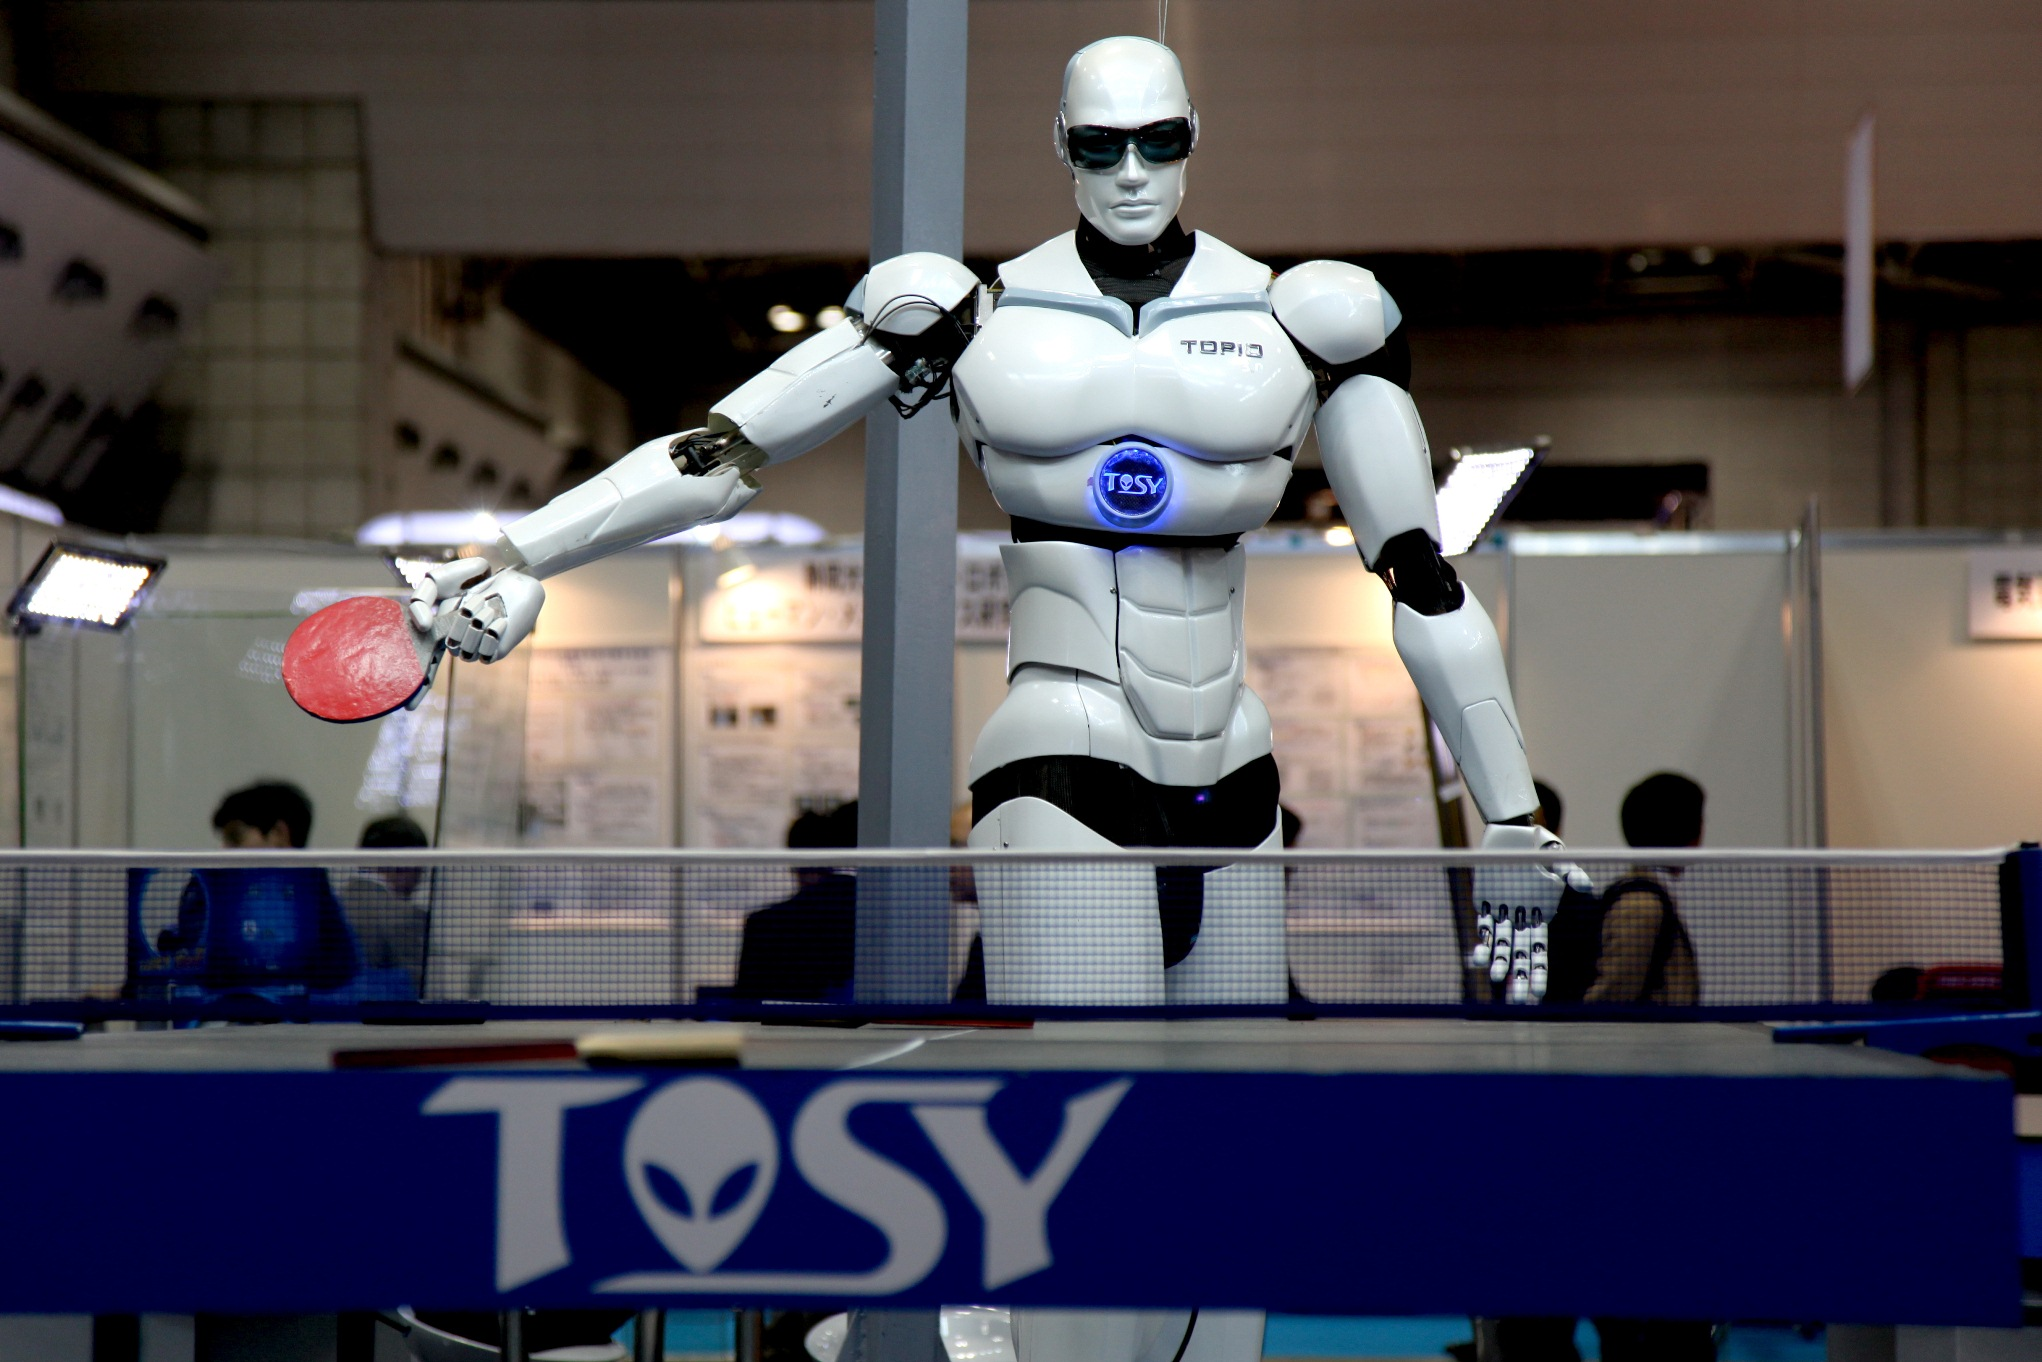 Aumento dei salari, in Cina Robot al posto dei lavoratori